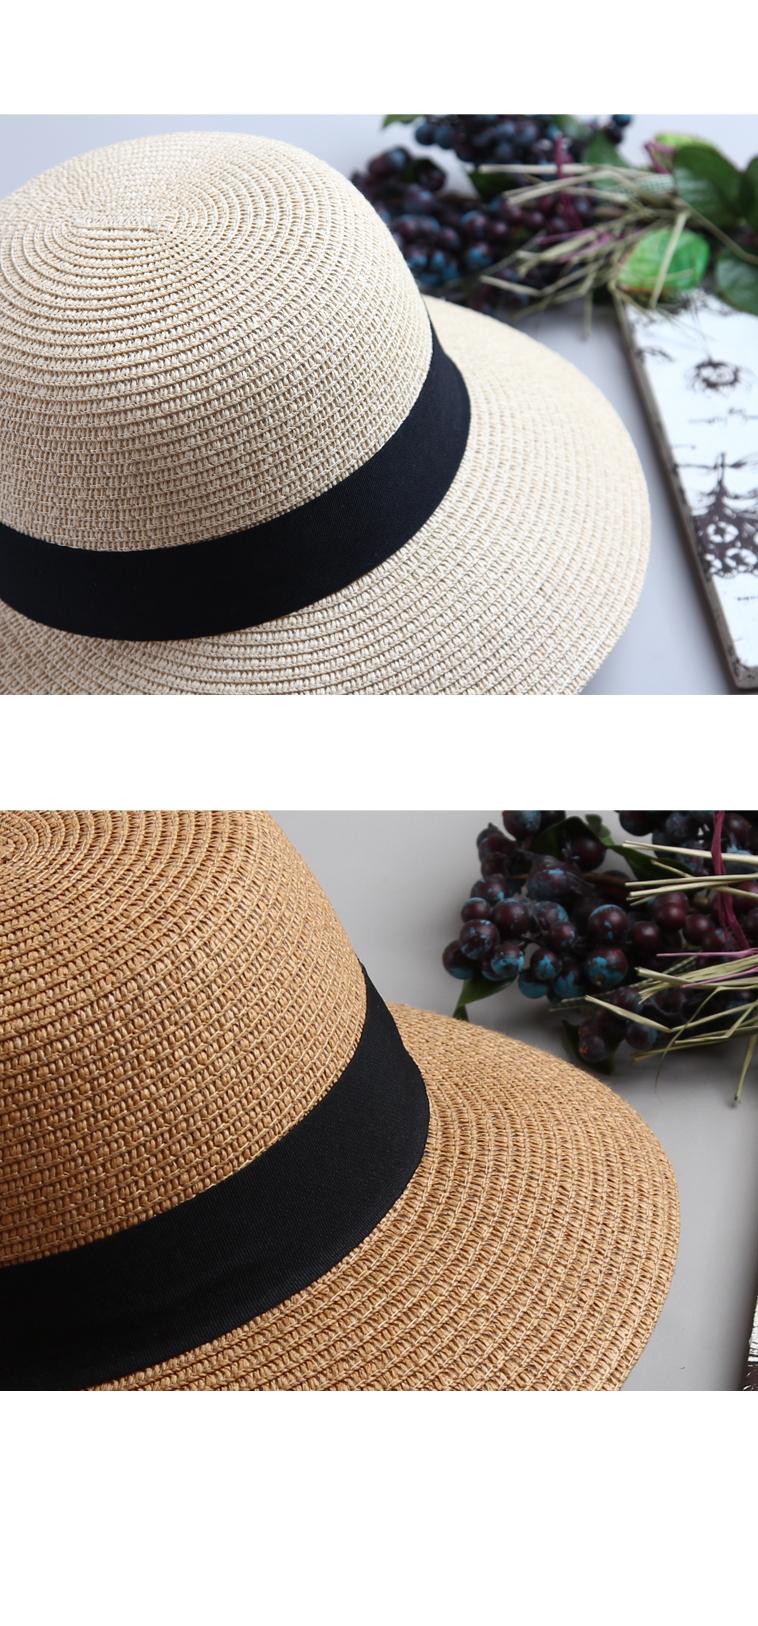 밀짚 모자-심플띠 라탄 여름모자 H903 - 더 로라, 15,900원, 모자, 밀짚모자